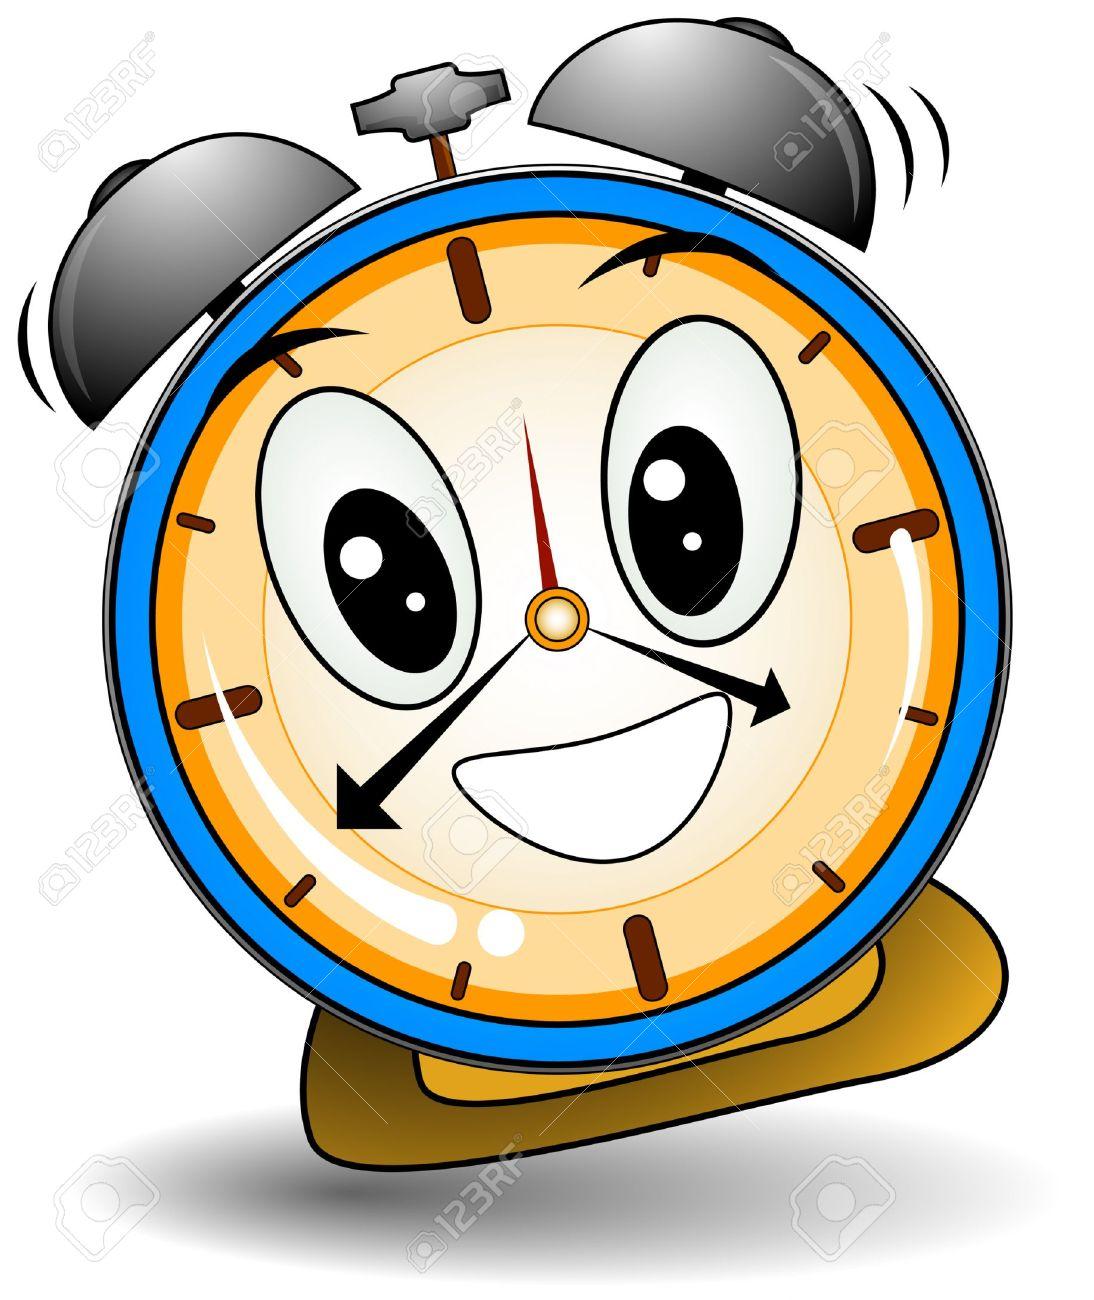 Moving clipart alarm clock Clock cliparts Cartoon Alarm Clipart